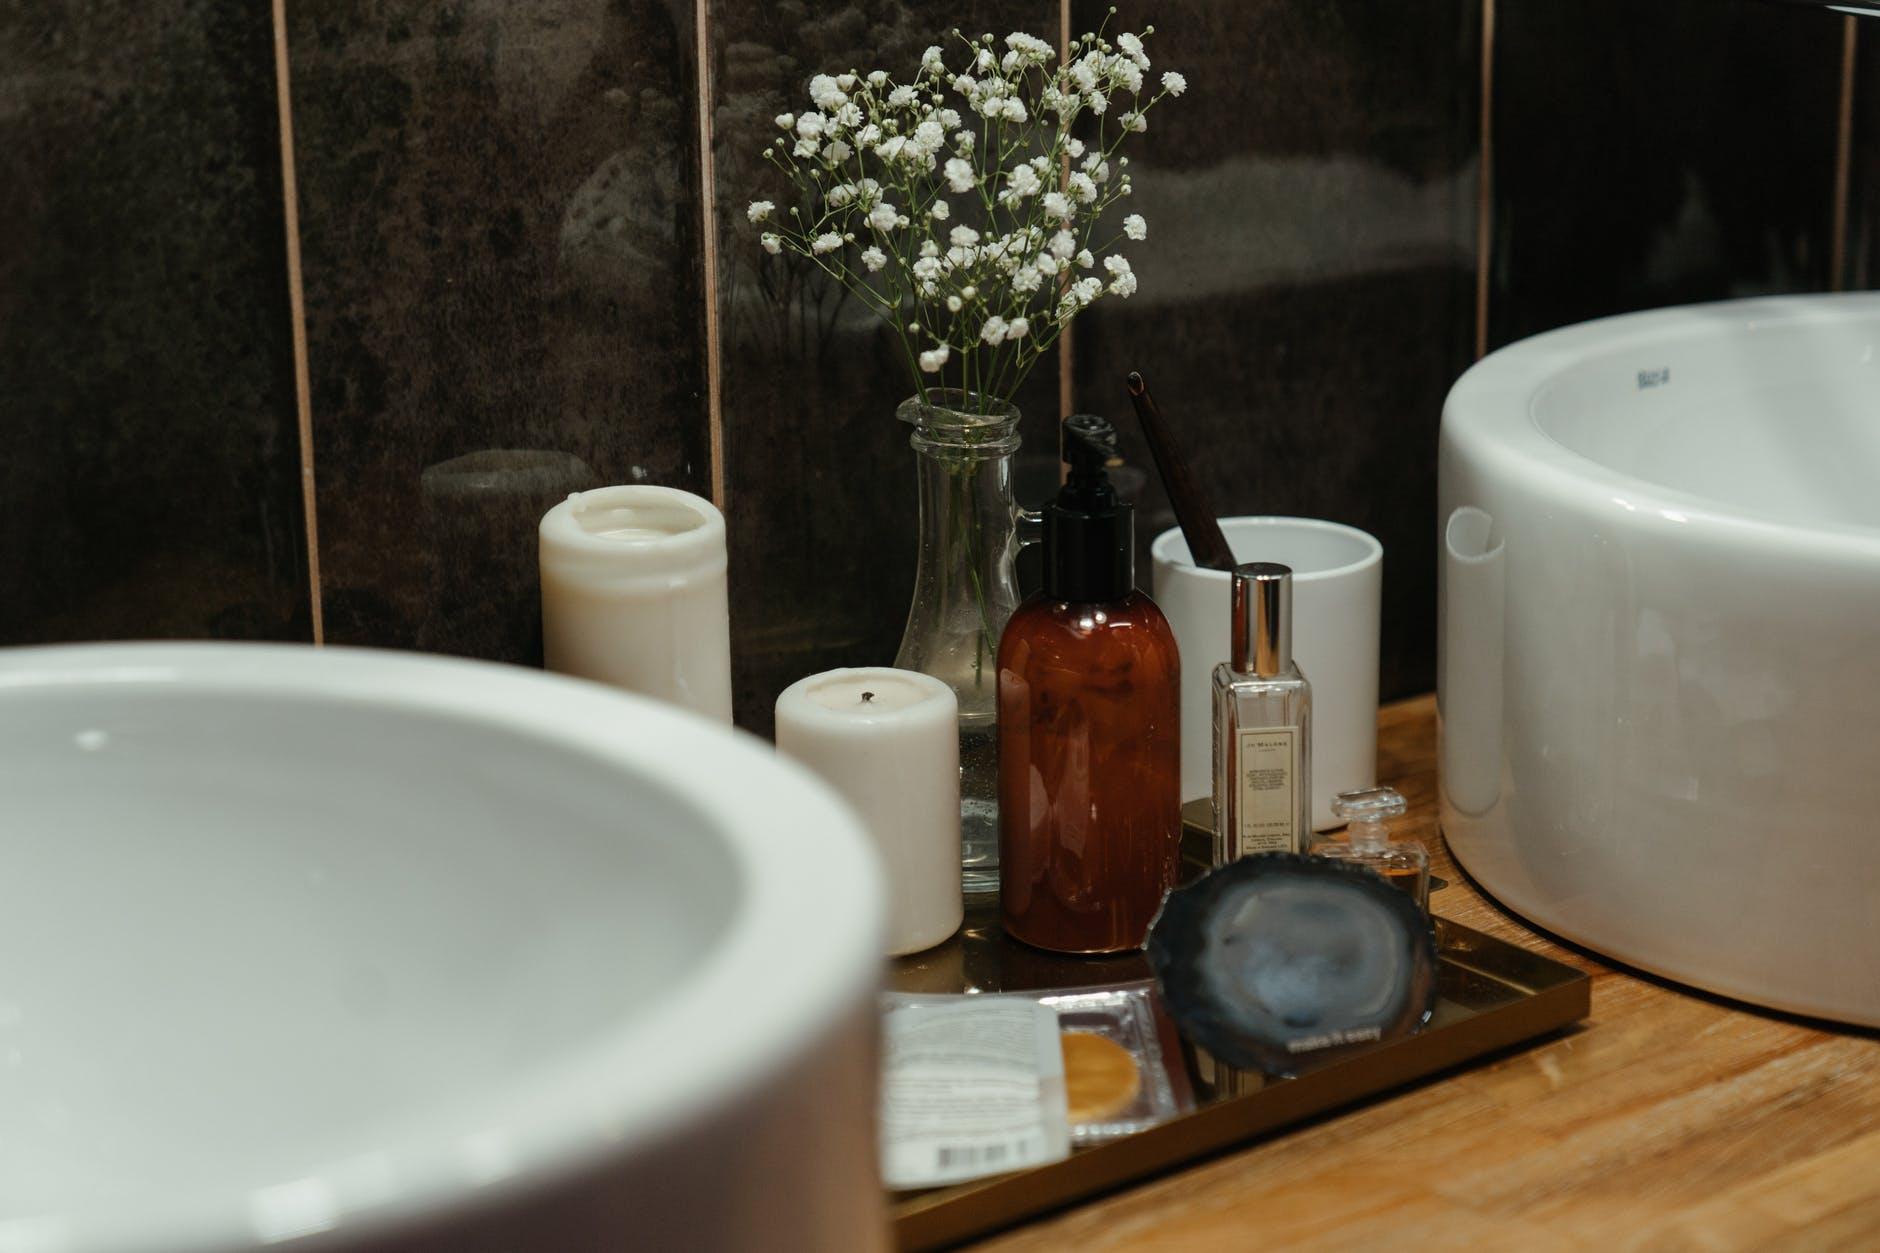 Converting oil-based perfume to sprayer bottle